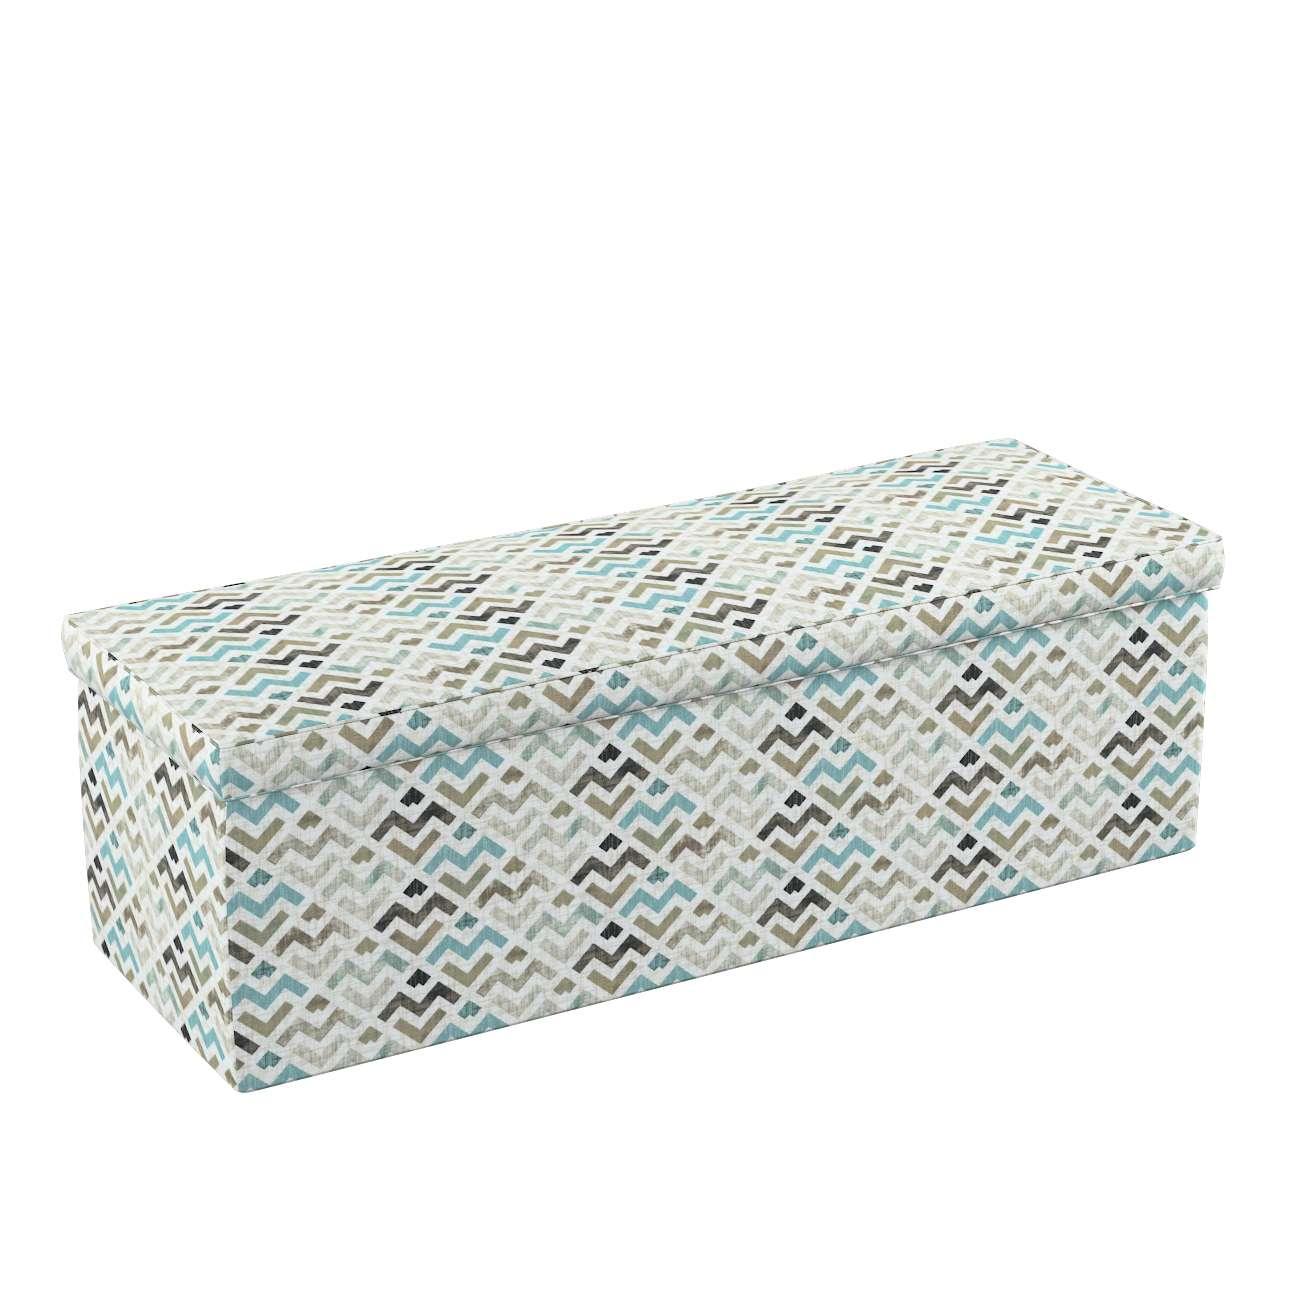 Truhlica čalúnená V kolekcii Modern, tkanina: 141-93